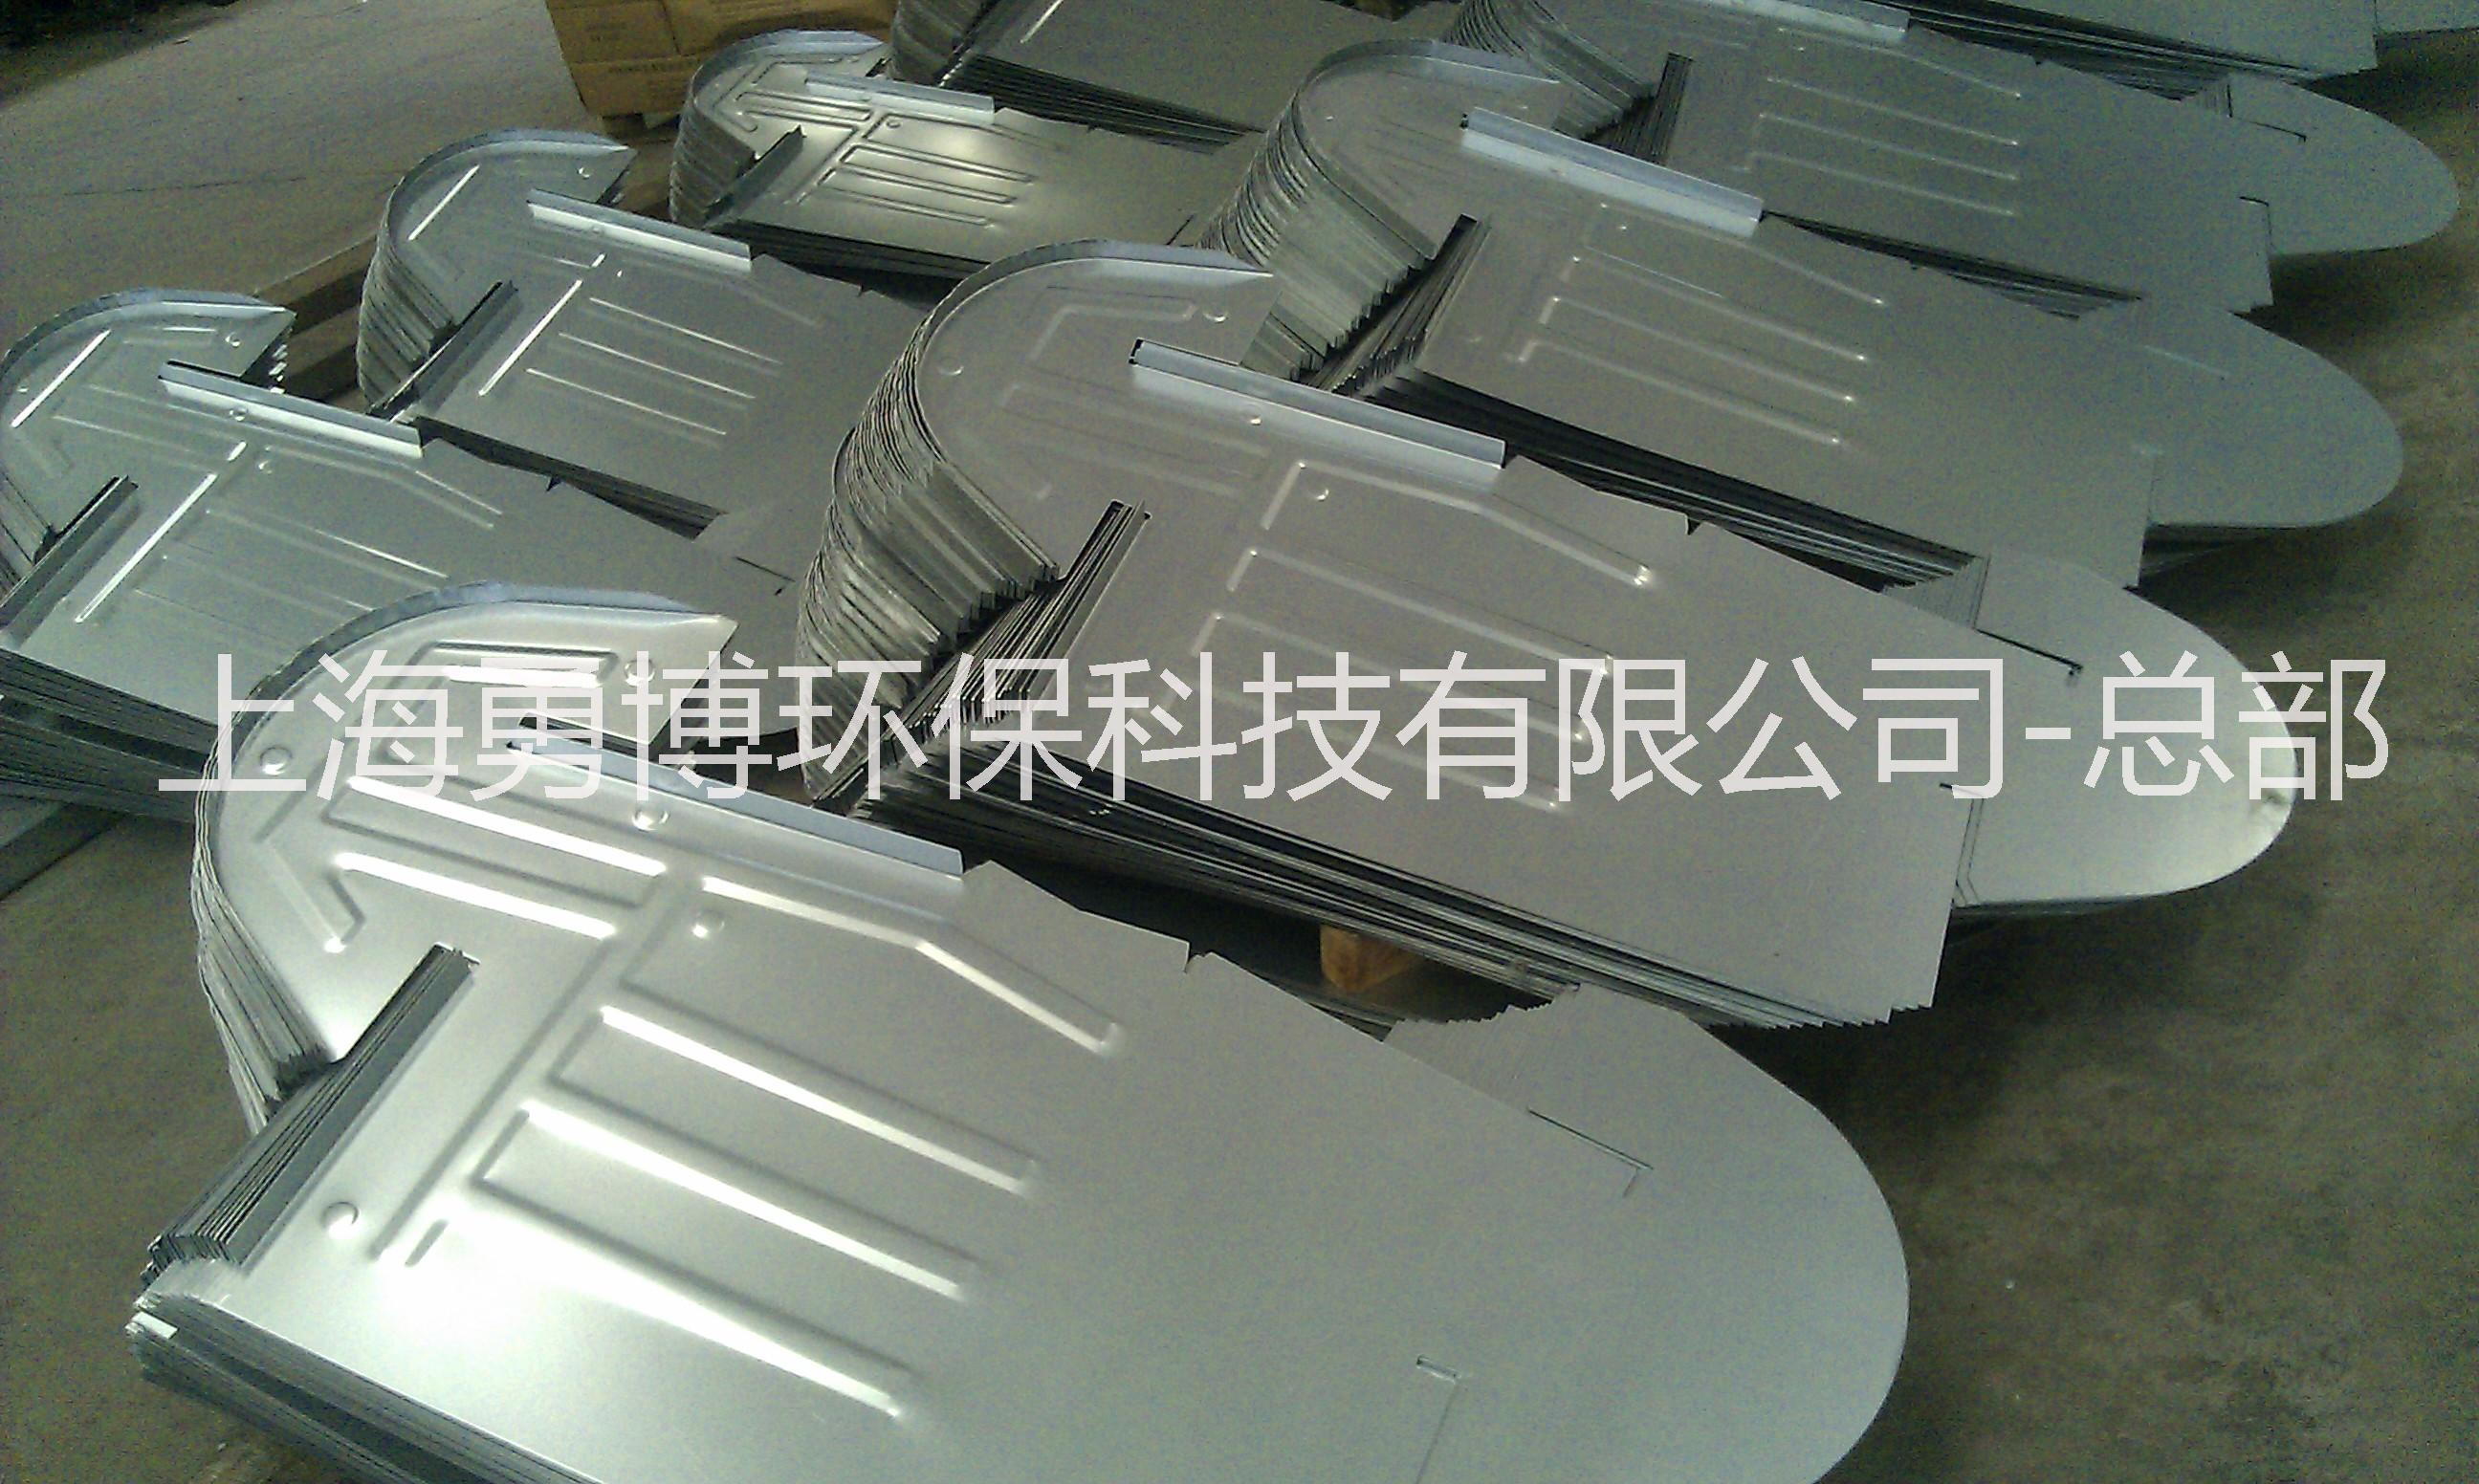 上海勇博1200型镀锌板骨架片制作安装